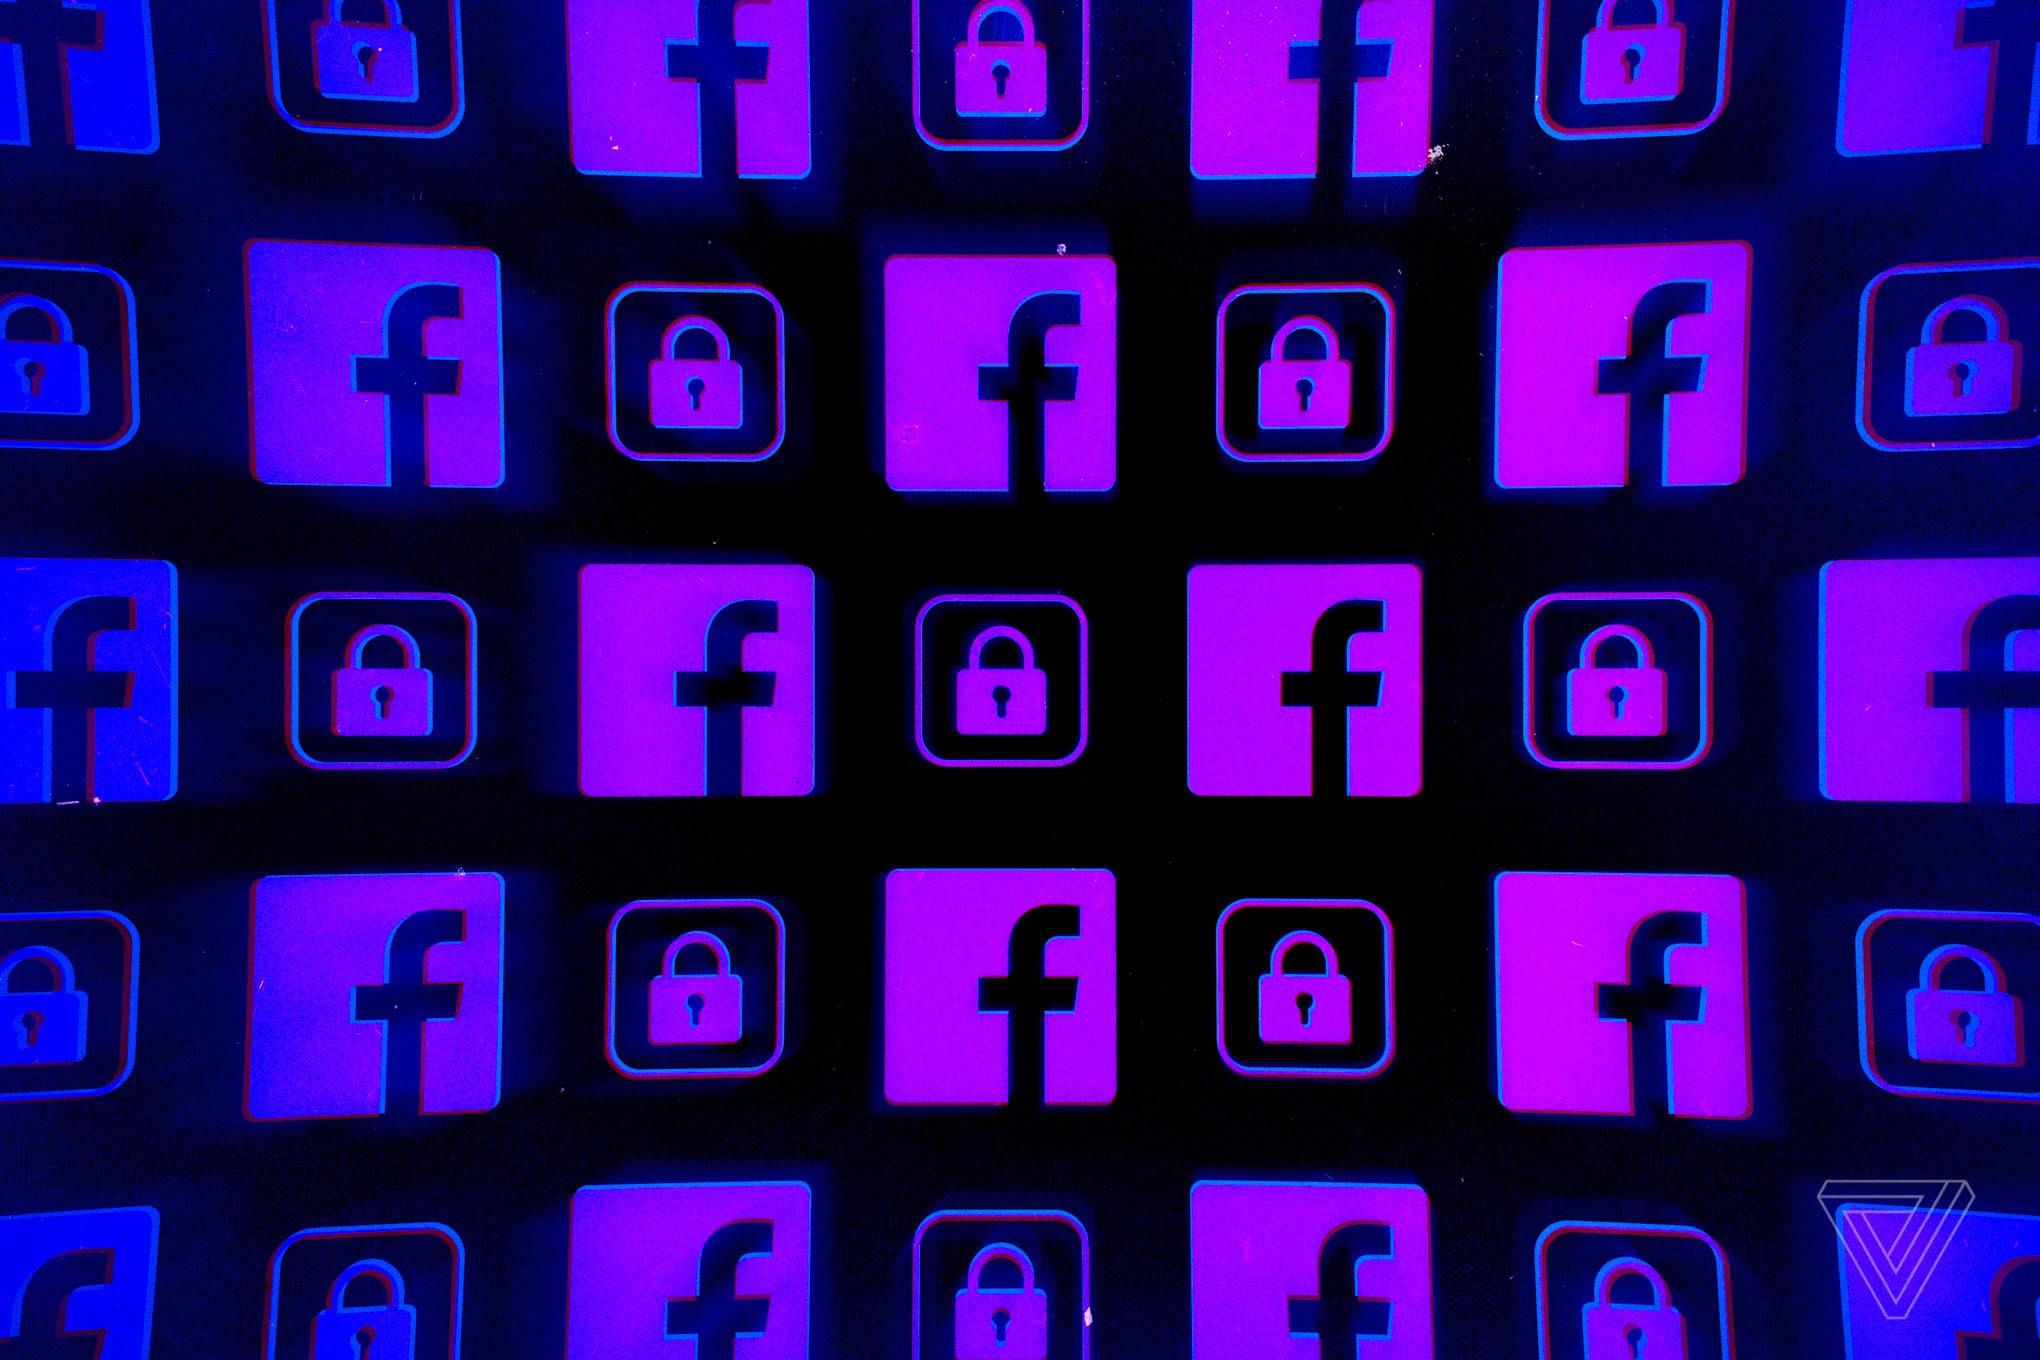 Facebook lưu trữ hàng trăm triệu mật khẩu người dùng dưới dạng văn bản thuần không mã hoá